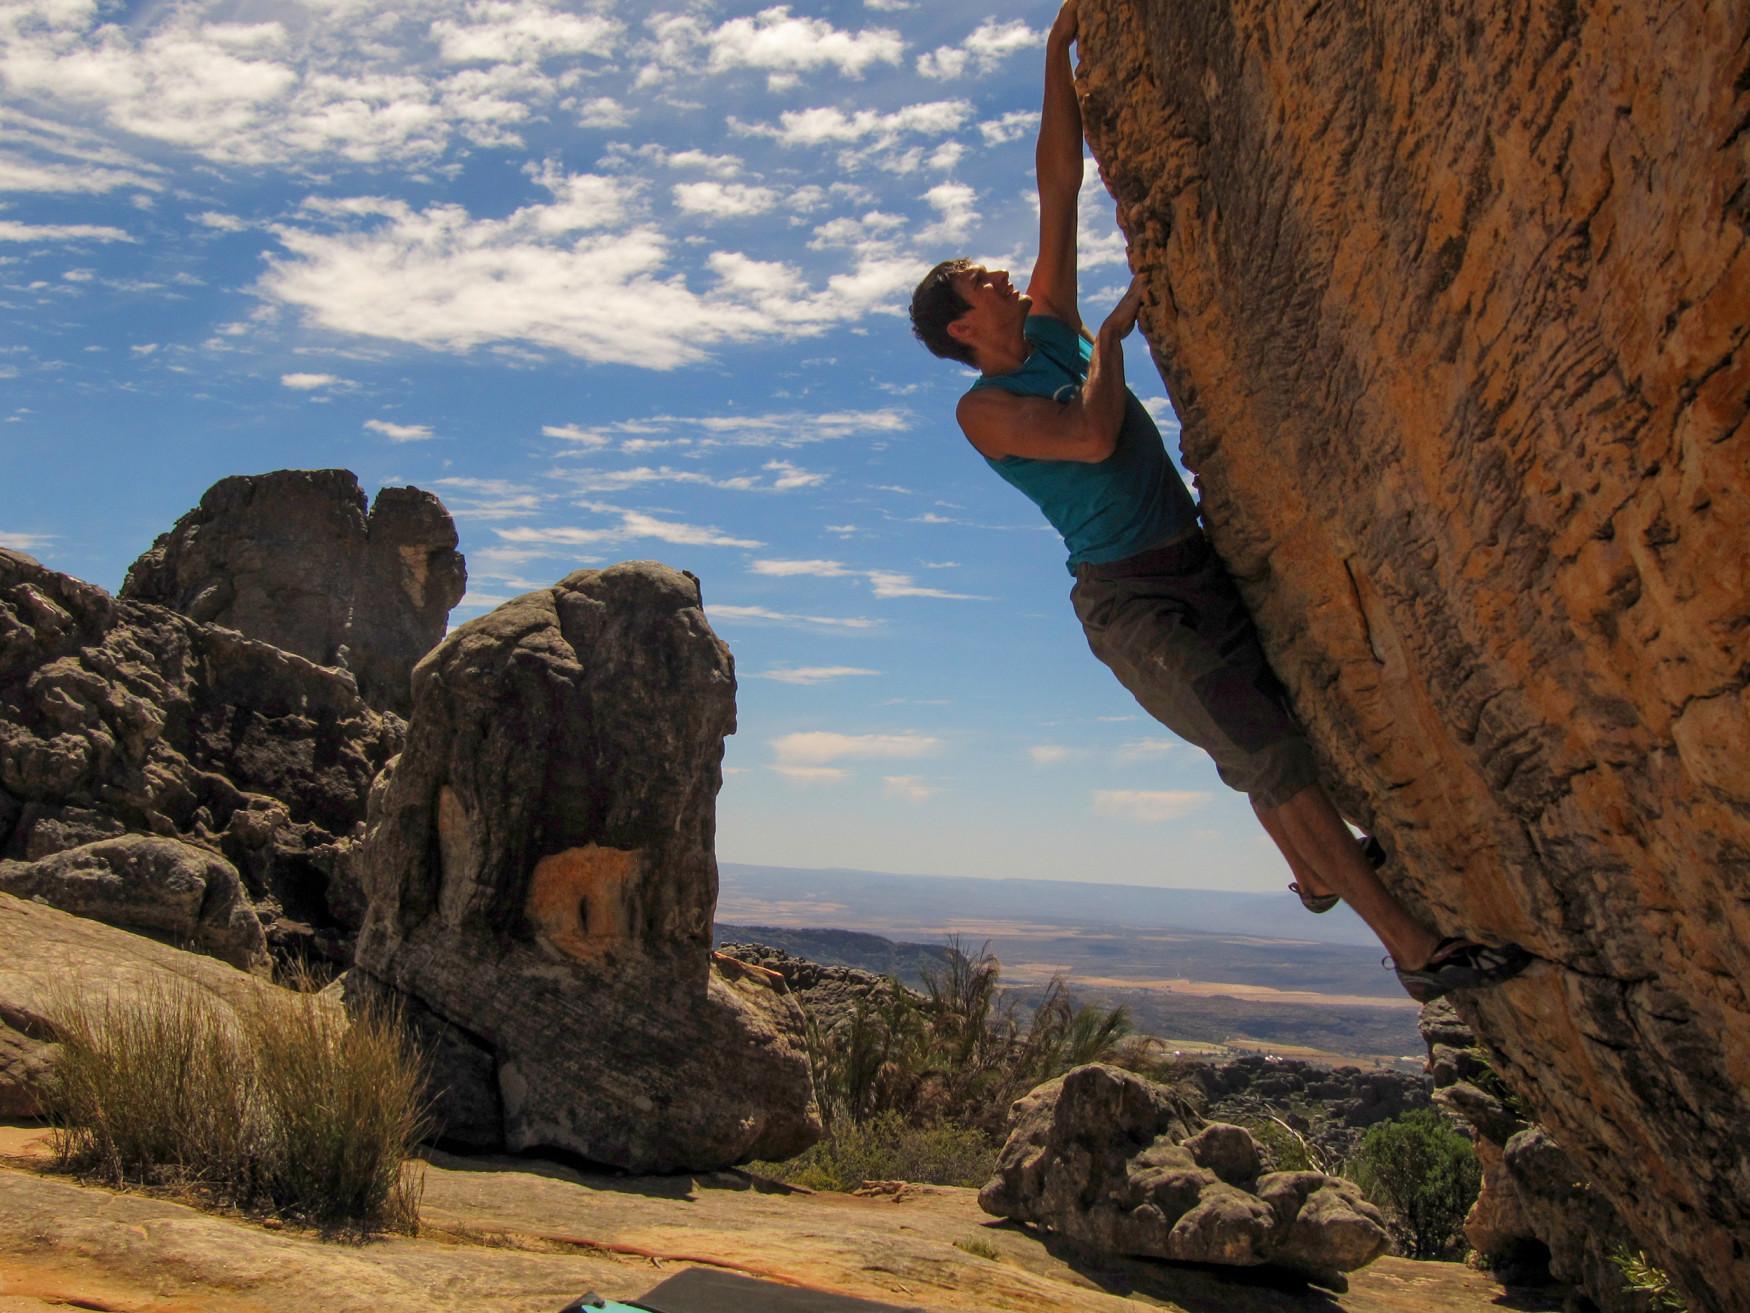 """Chi vuole arrampicare senza corda e imbracatura ha bisogno delle calzature giuste. Con X-Boulder LOWA è riuscita a creare una scarpa che convince sia gli appassionati di bouldering sia chi si arrampica all'aperto facendo sul serio. La sola tomaia in microfibra con i fori """"Air System"""" garantisce una ventilazione ideale dei piedi. La suola Vibram® XS-Grip® leggermente più rigida di X-BOULDER assicura una trasmissione ottimale della forza e un'elevata sensibilità alla superficie da affrontare."""